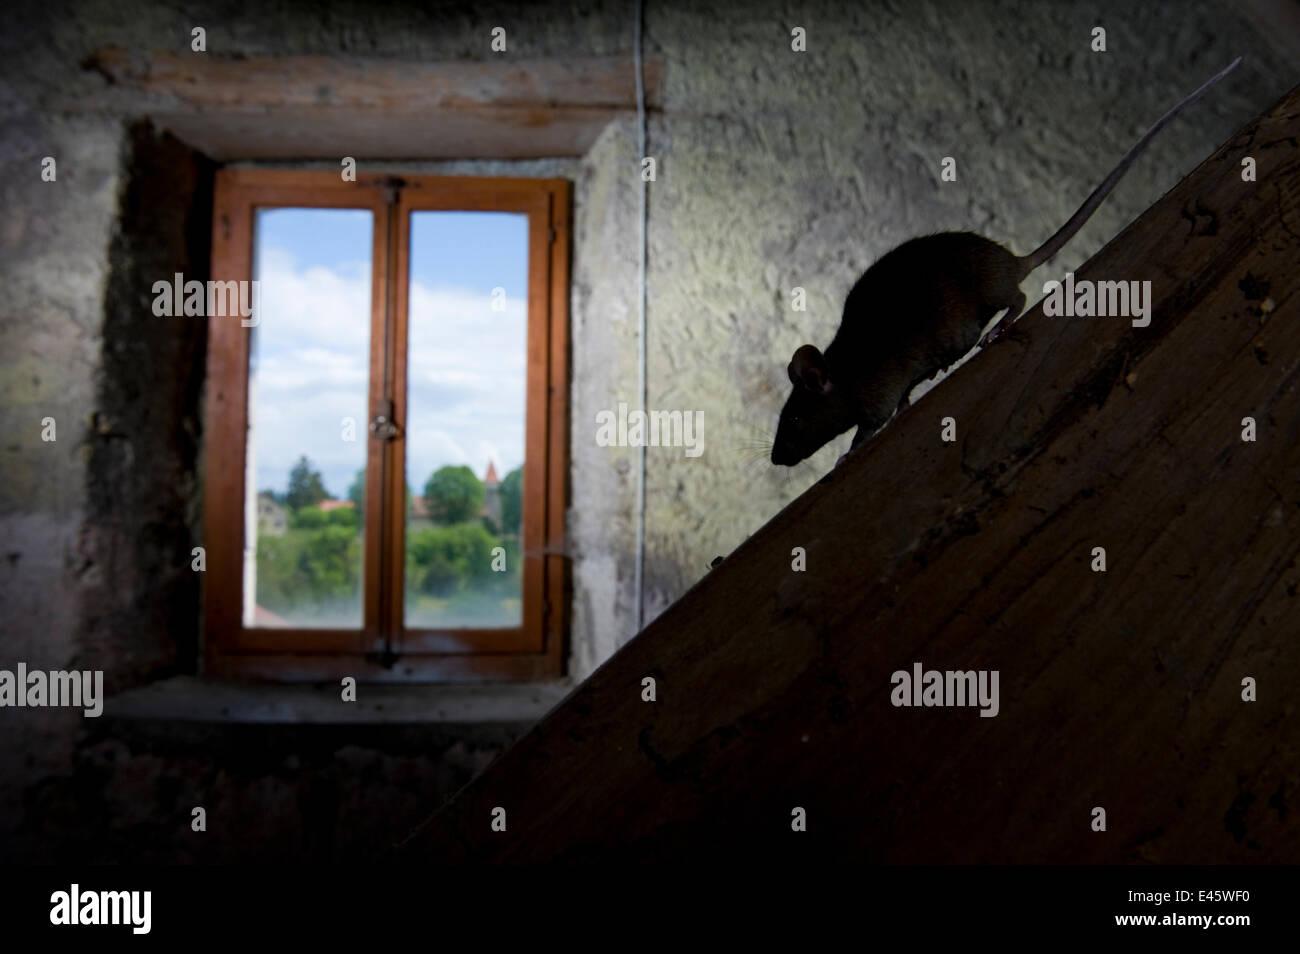 Hausmaus (Mus Musculus) zu Fuß nach unten abfallenden Strahl im Licht aus einem Fenster. Schweiz. In Gefangenschaft, Stockbild